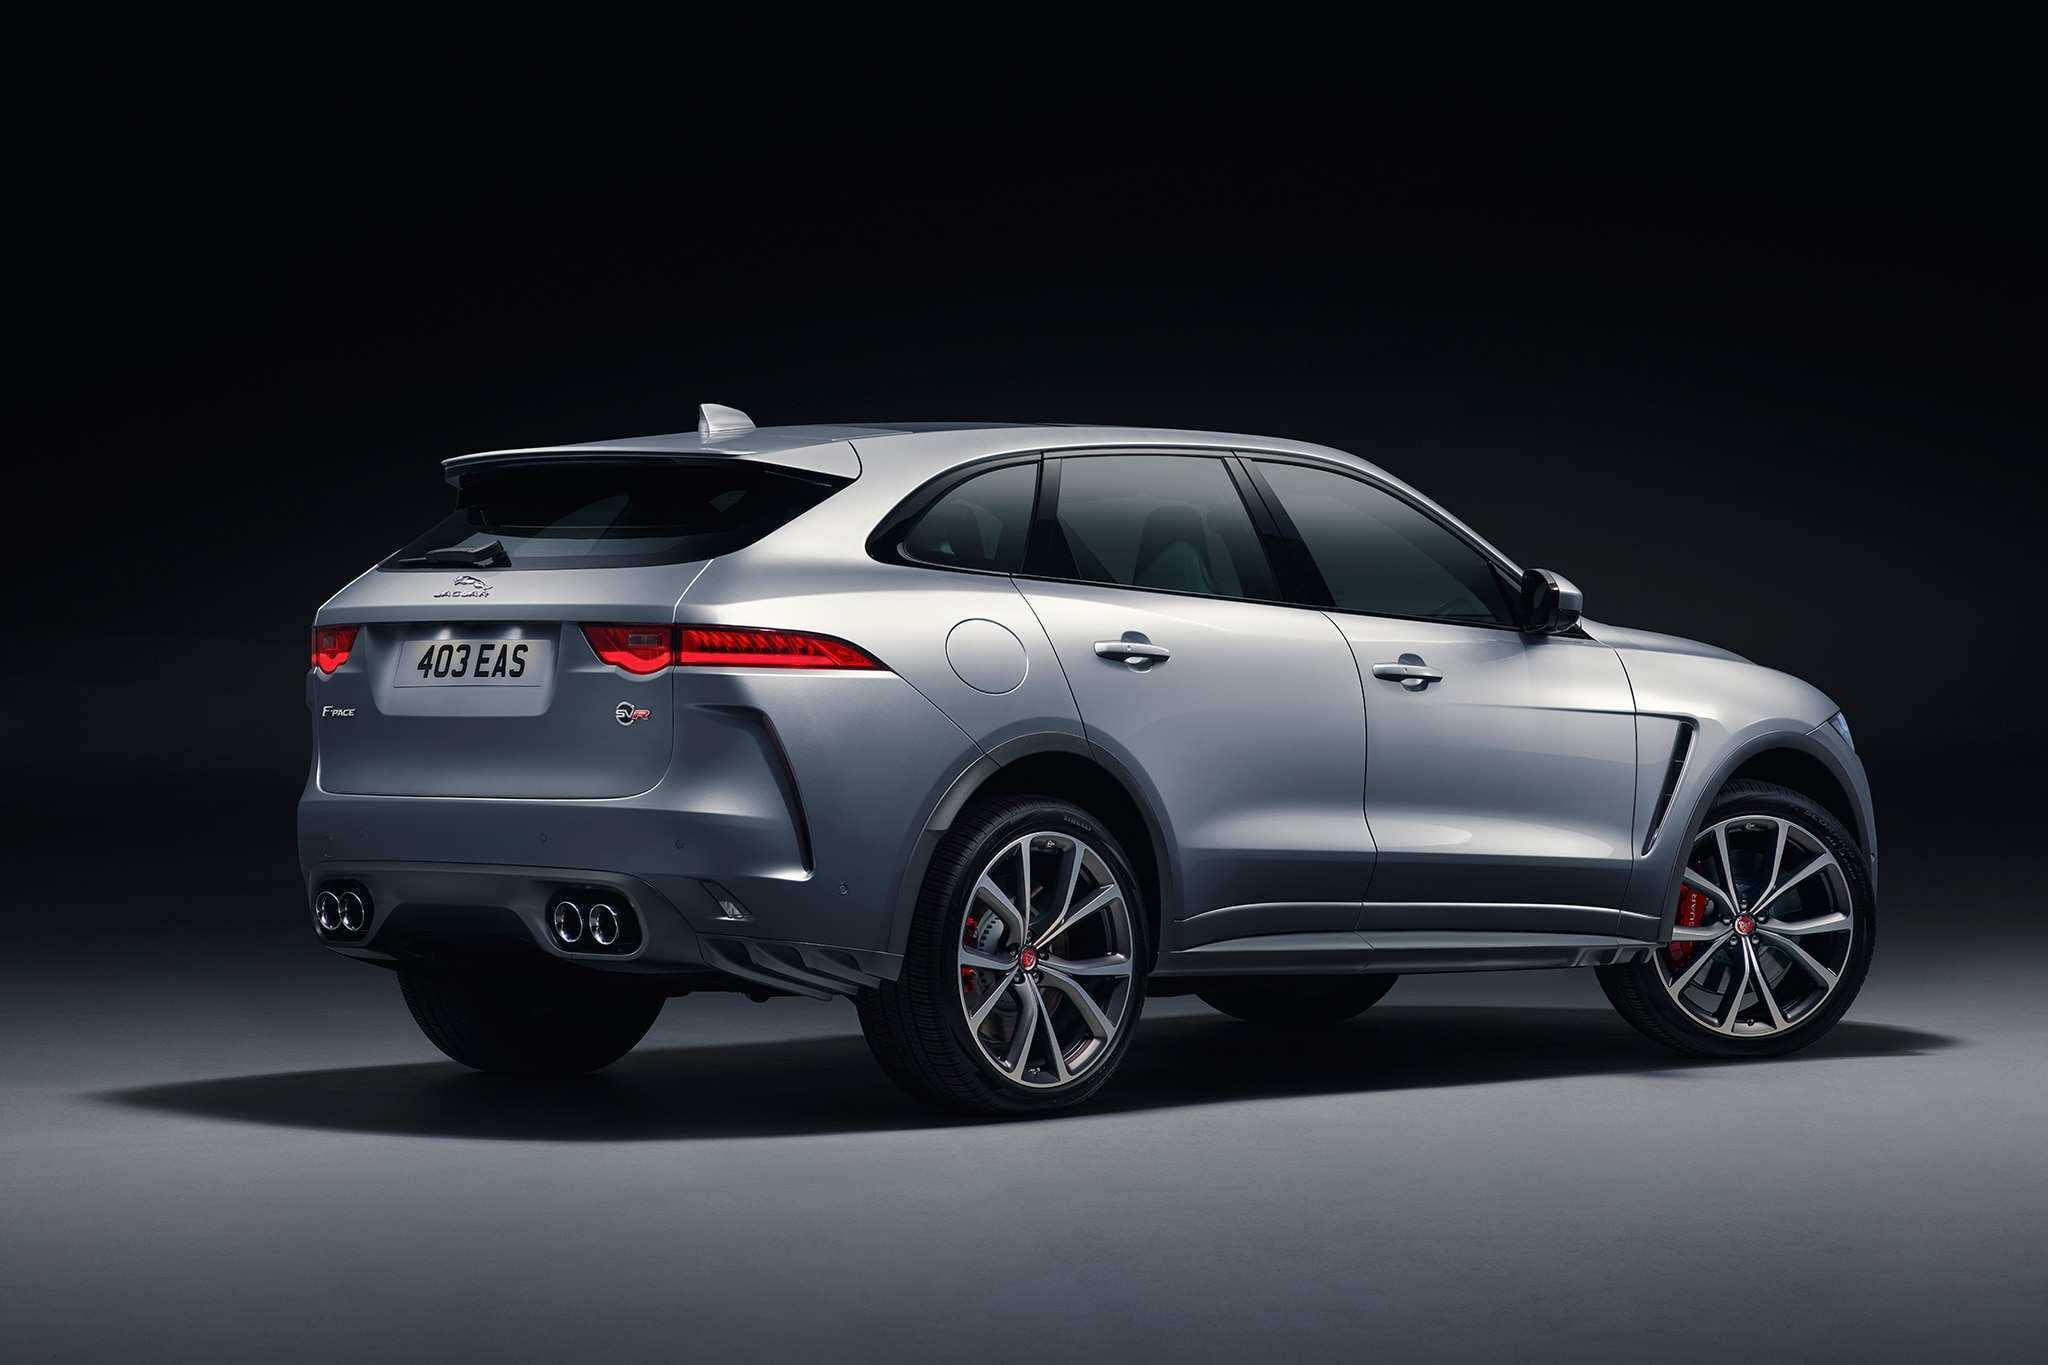 86 Great Jaguar 2019 F Pace Price for Jaguar 2019 F Pace